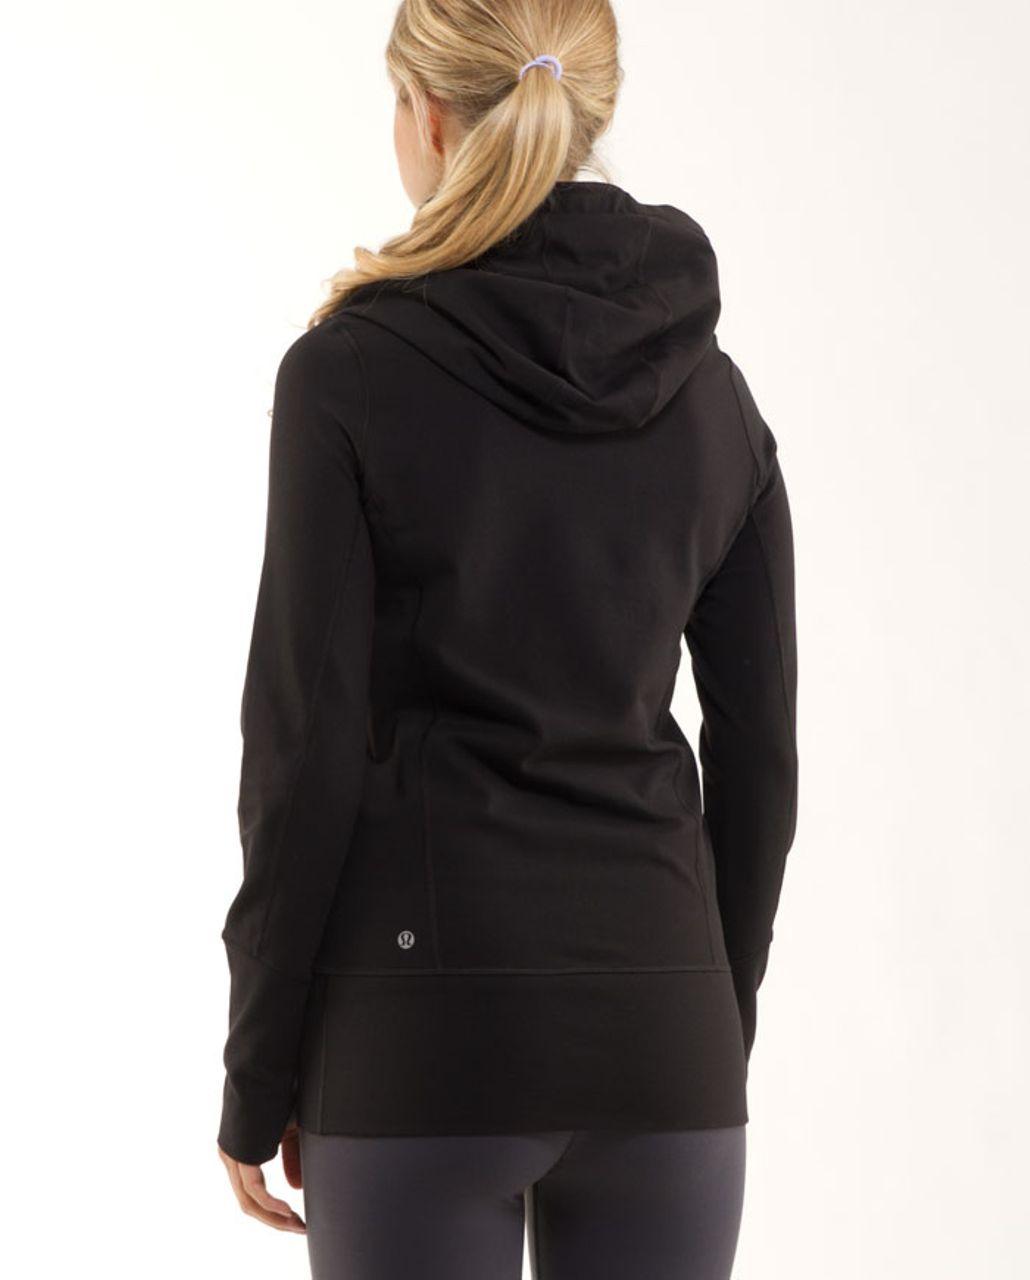 Lululemon Stride Jacket *Brushed - Black /  White Coal Tinted Canvas Super